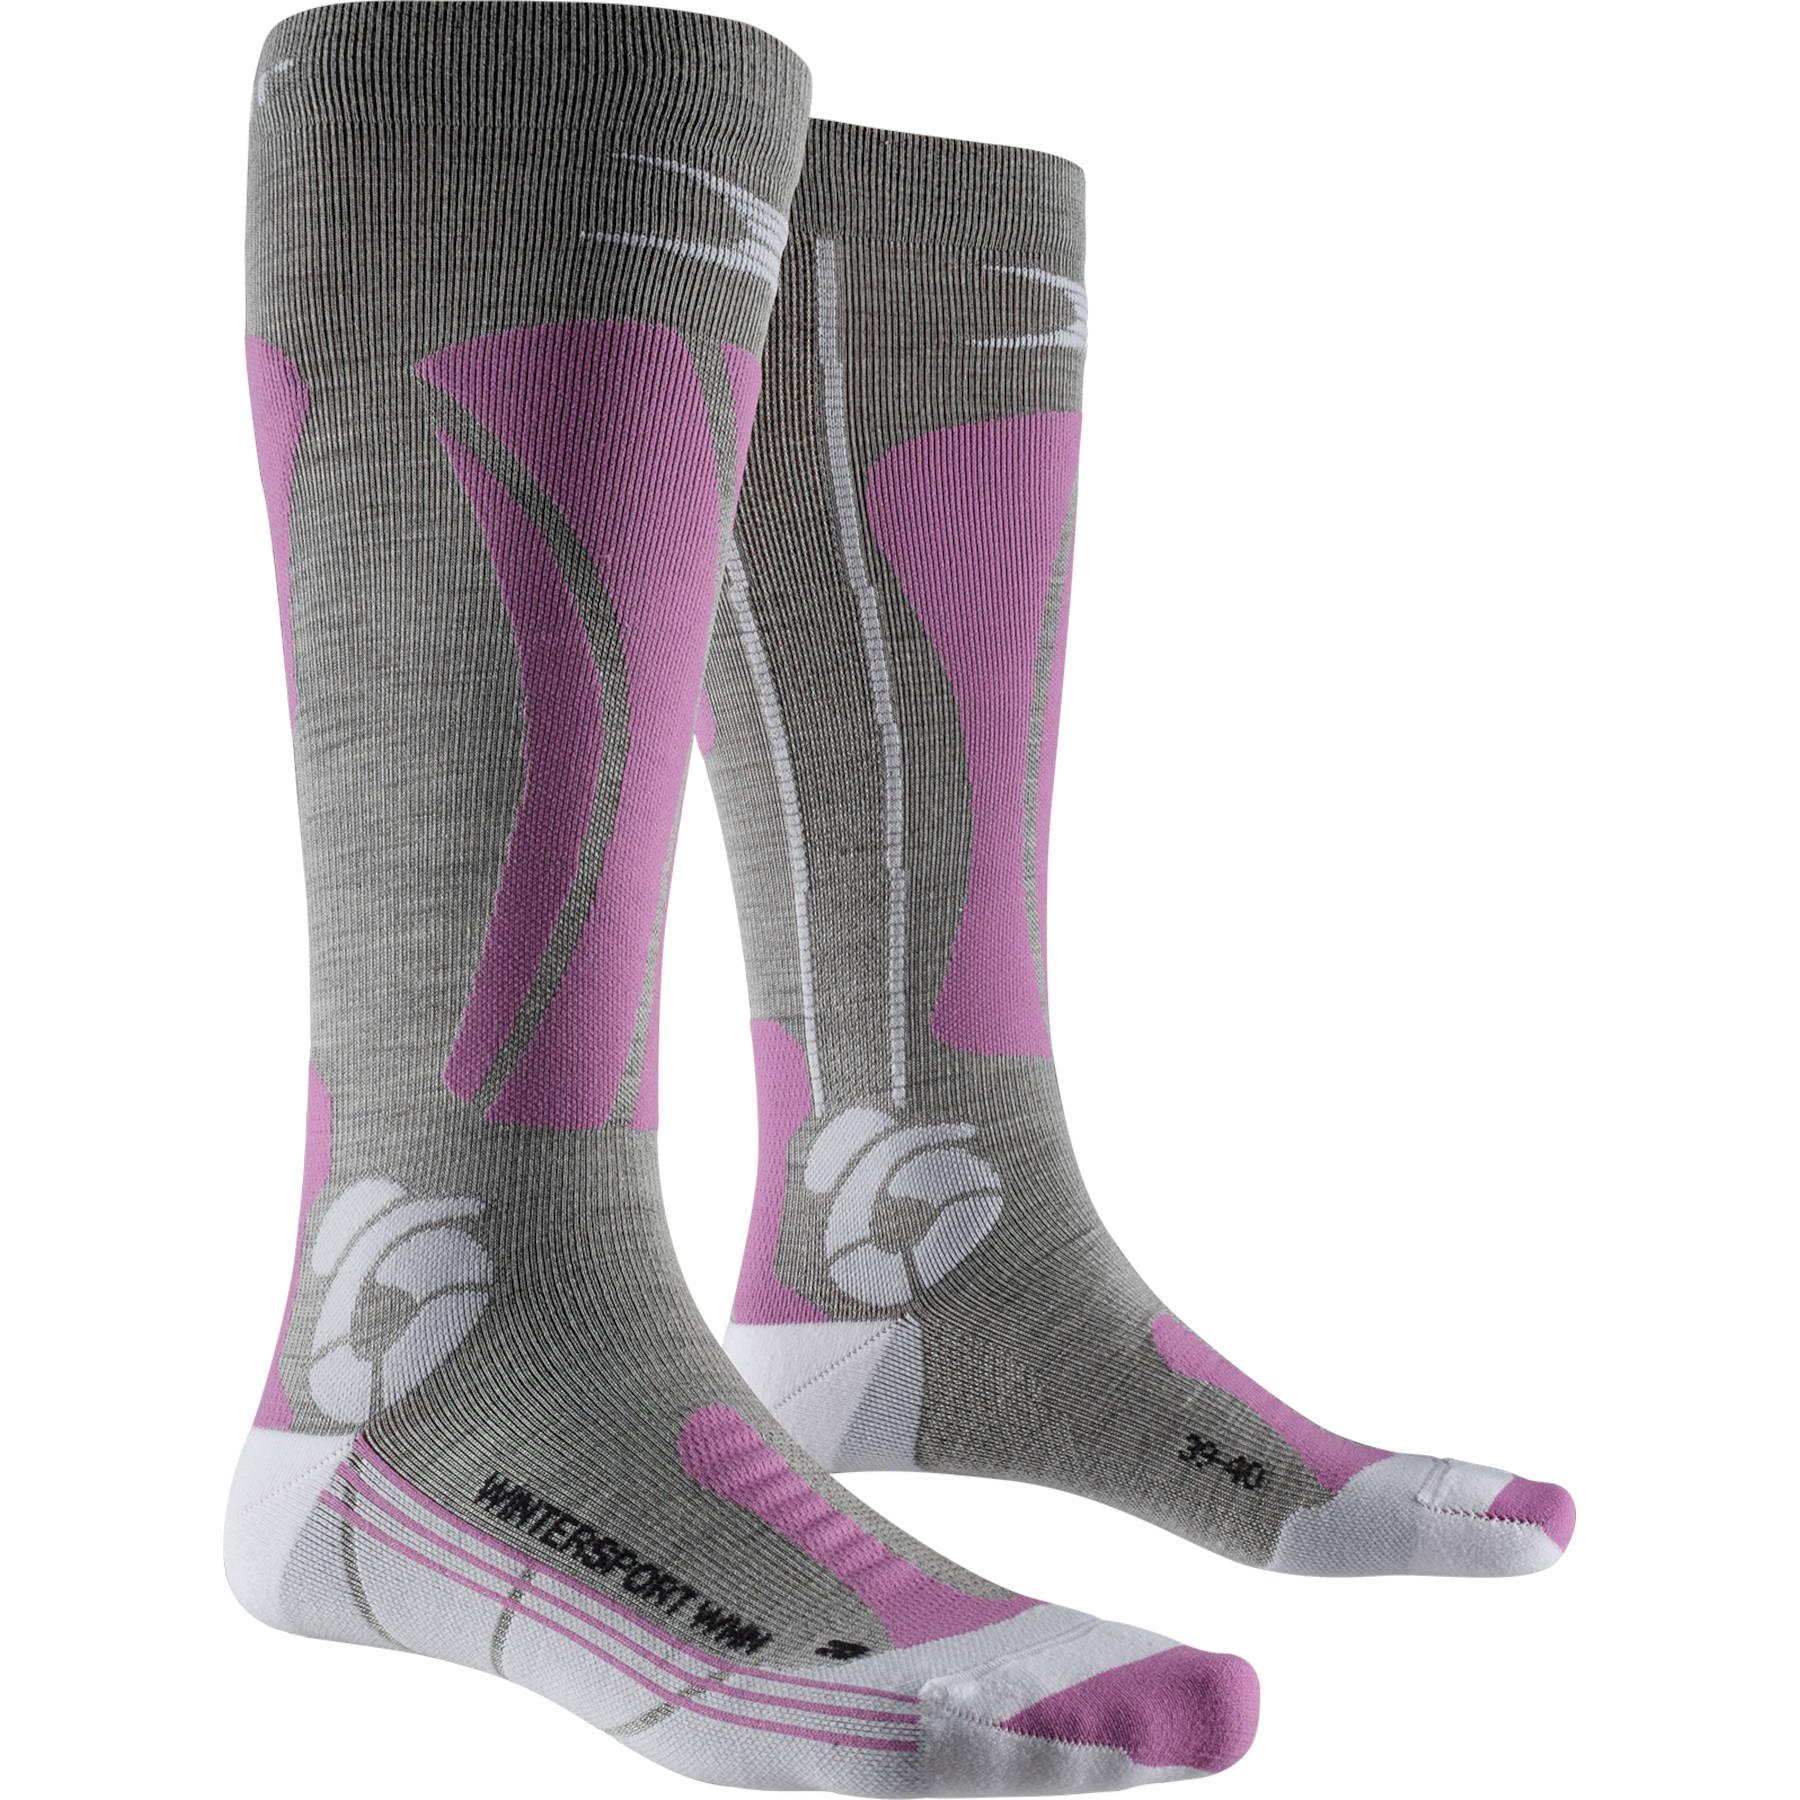 Bild von X-Socks Apani Wintersports Socken für Damen - black/grey/magnolia